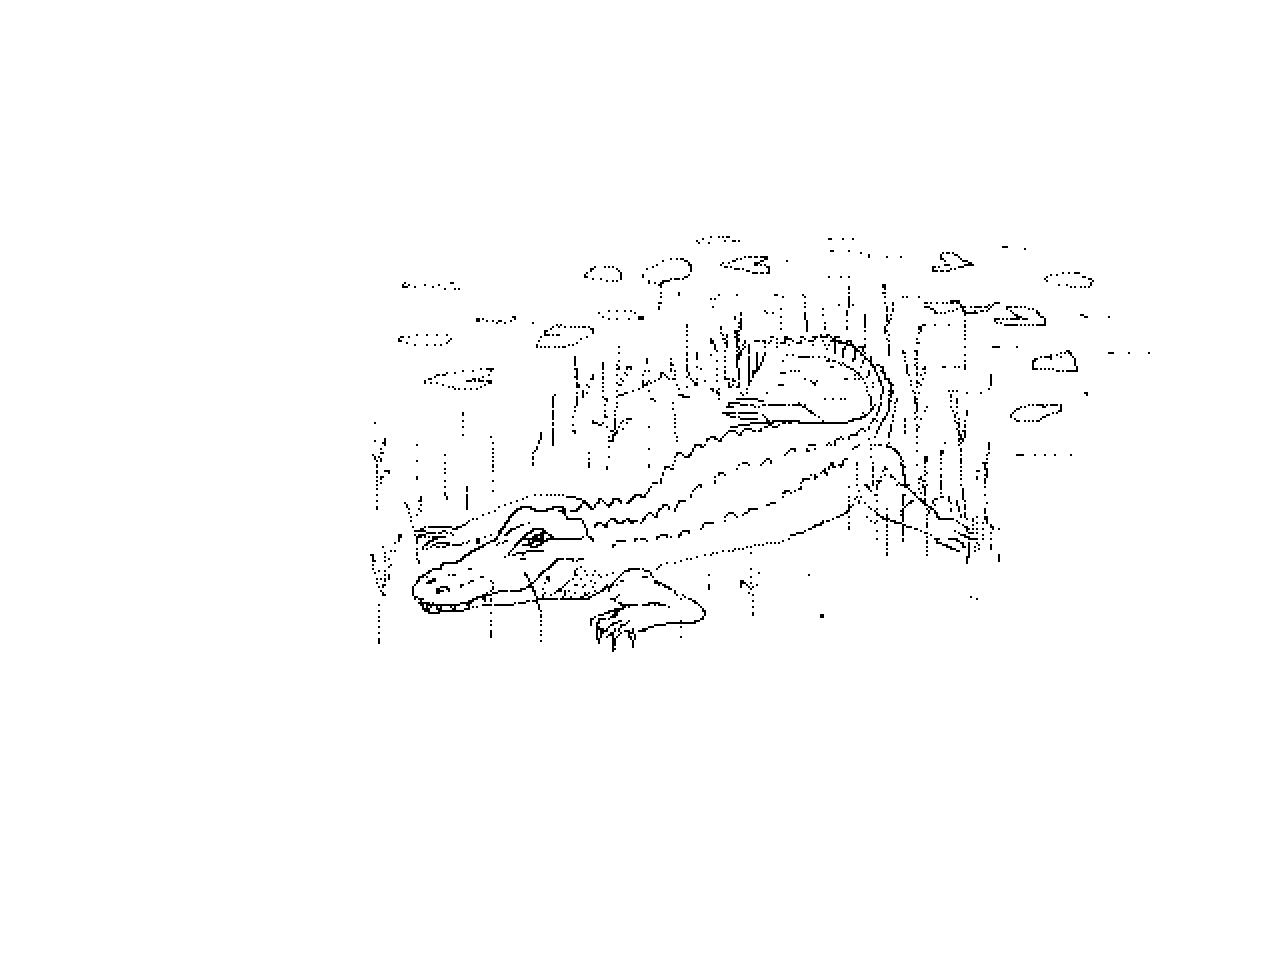 #1220 Alligator